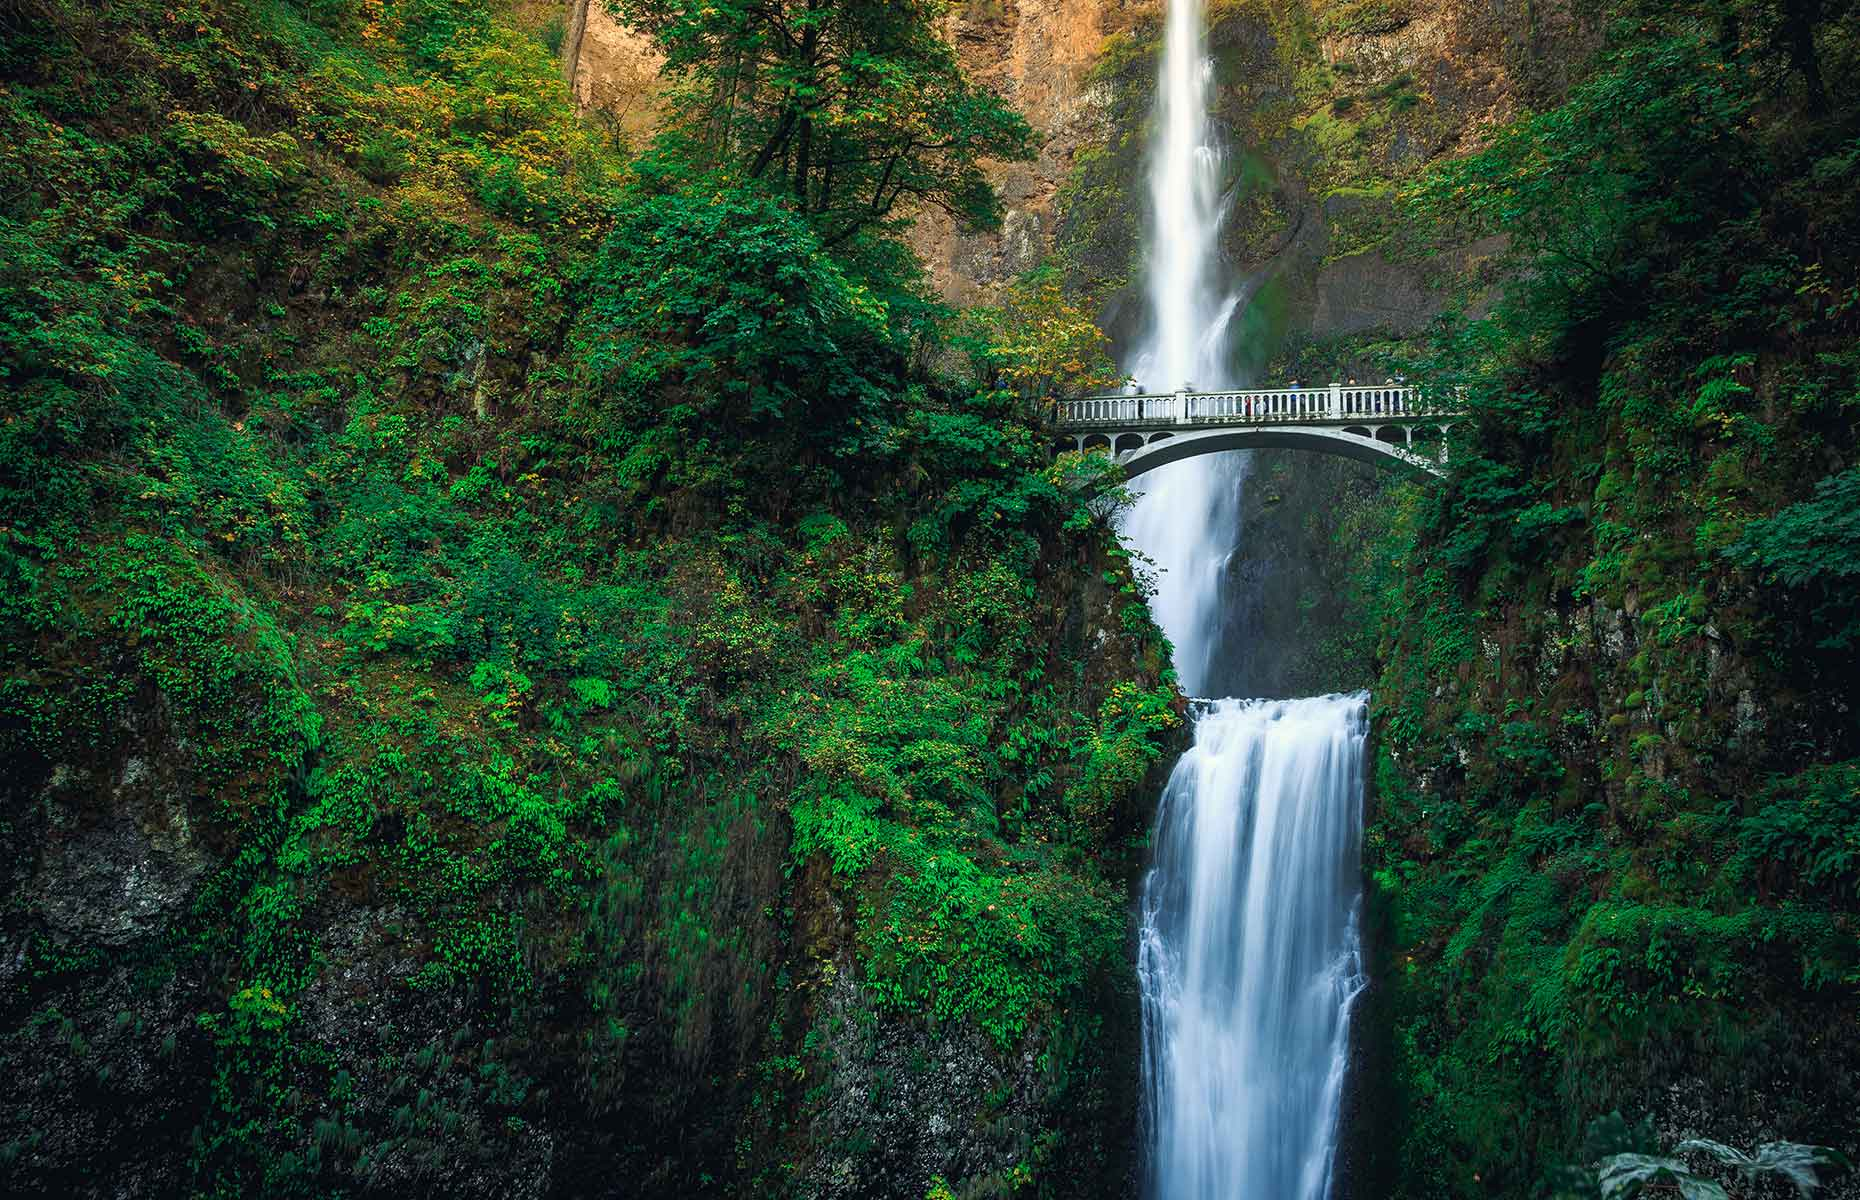 Multnomah Falls, near Portland, Oregon (Image: Stephen Moehle/Shutterstock)